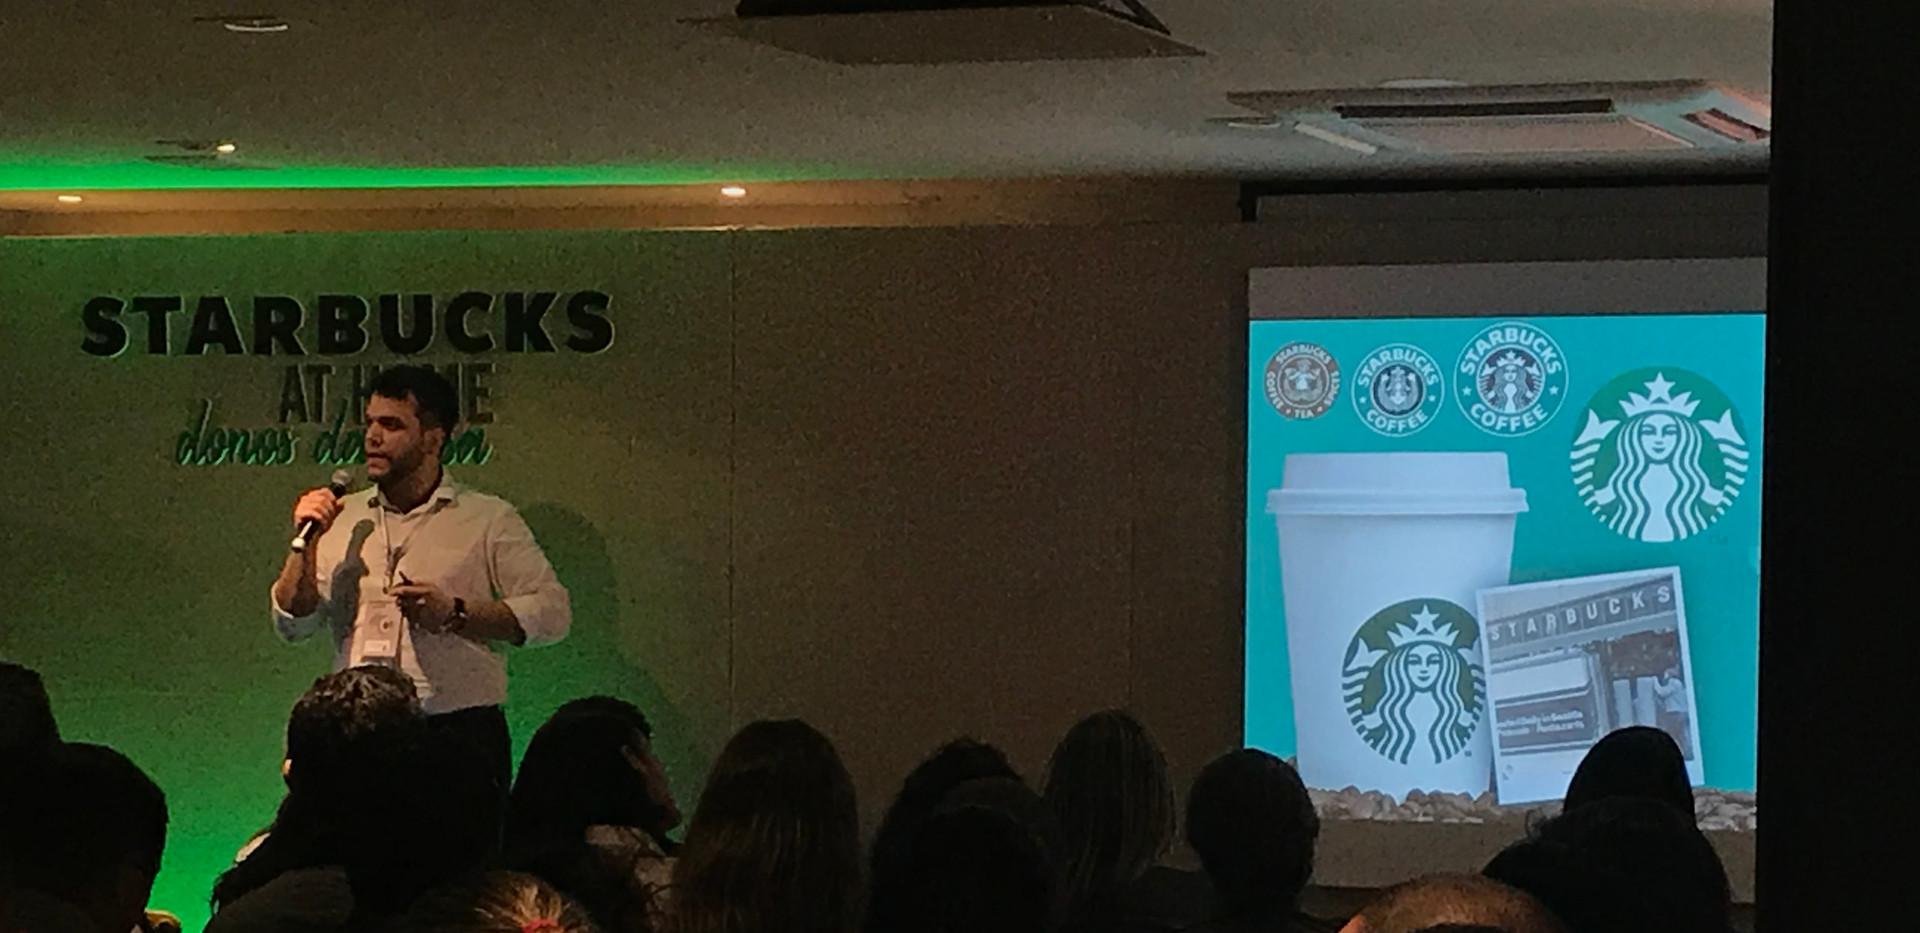 Evento_StarBucks_Donos_da_Casa_Palco